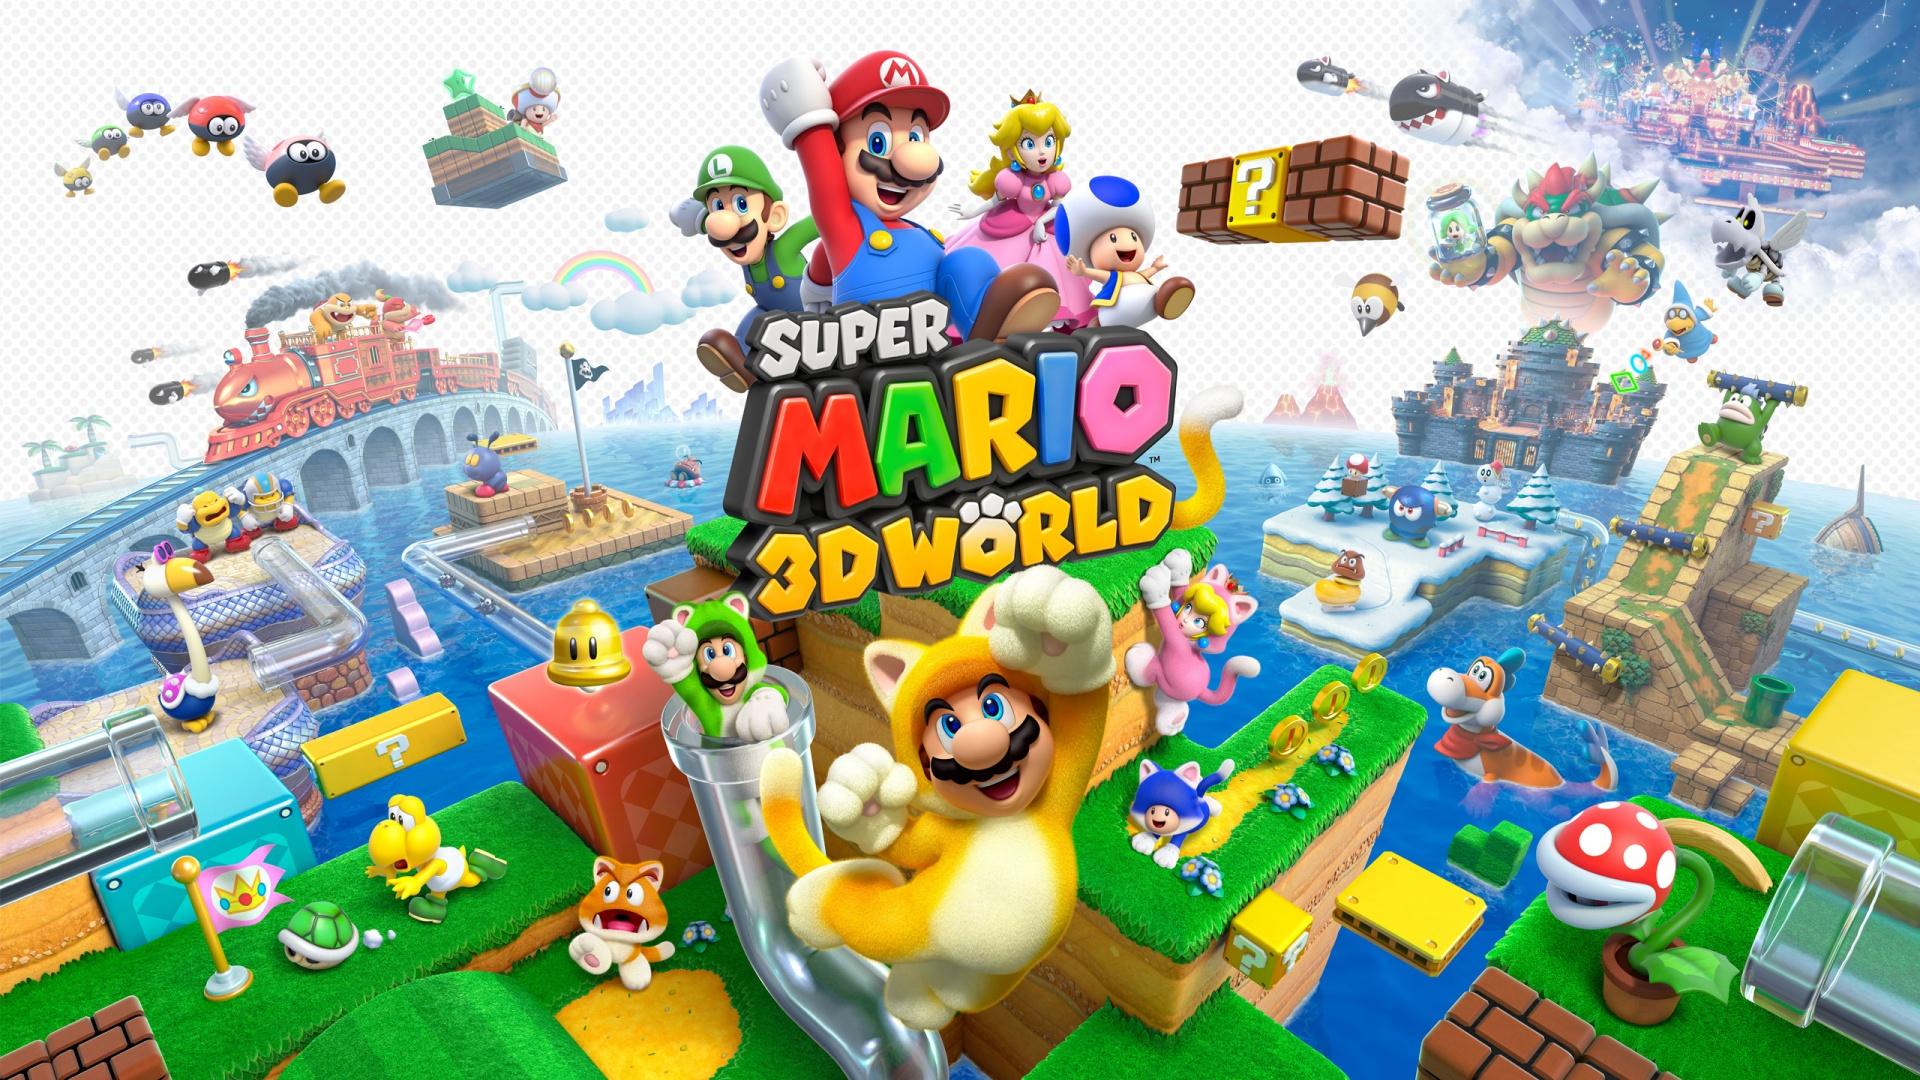 7 Super Mario 3D World Fondos De Pantalla HD